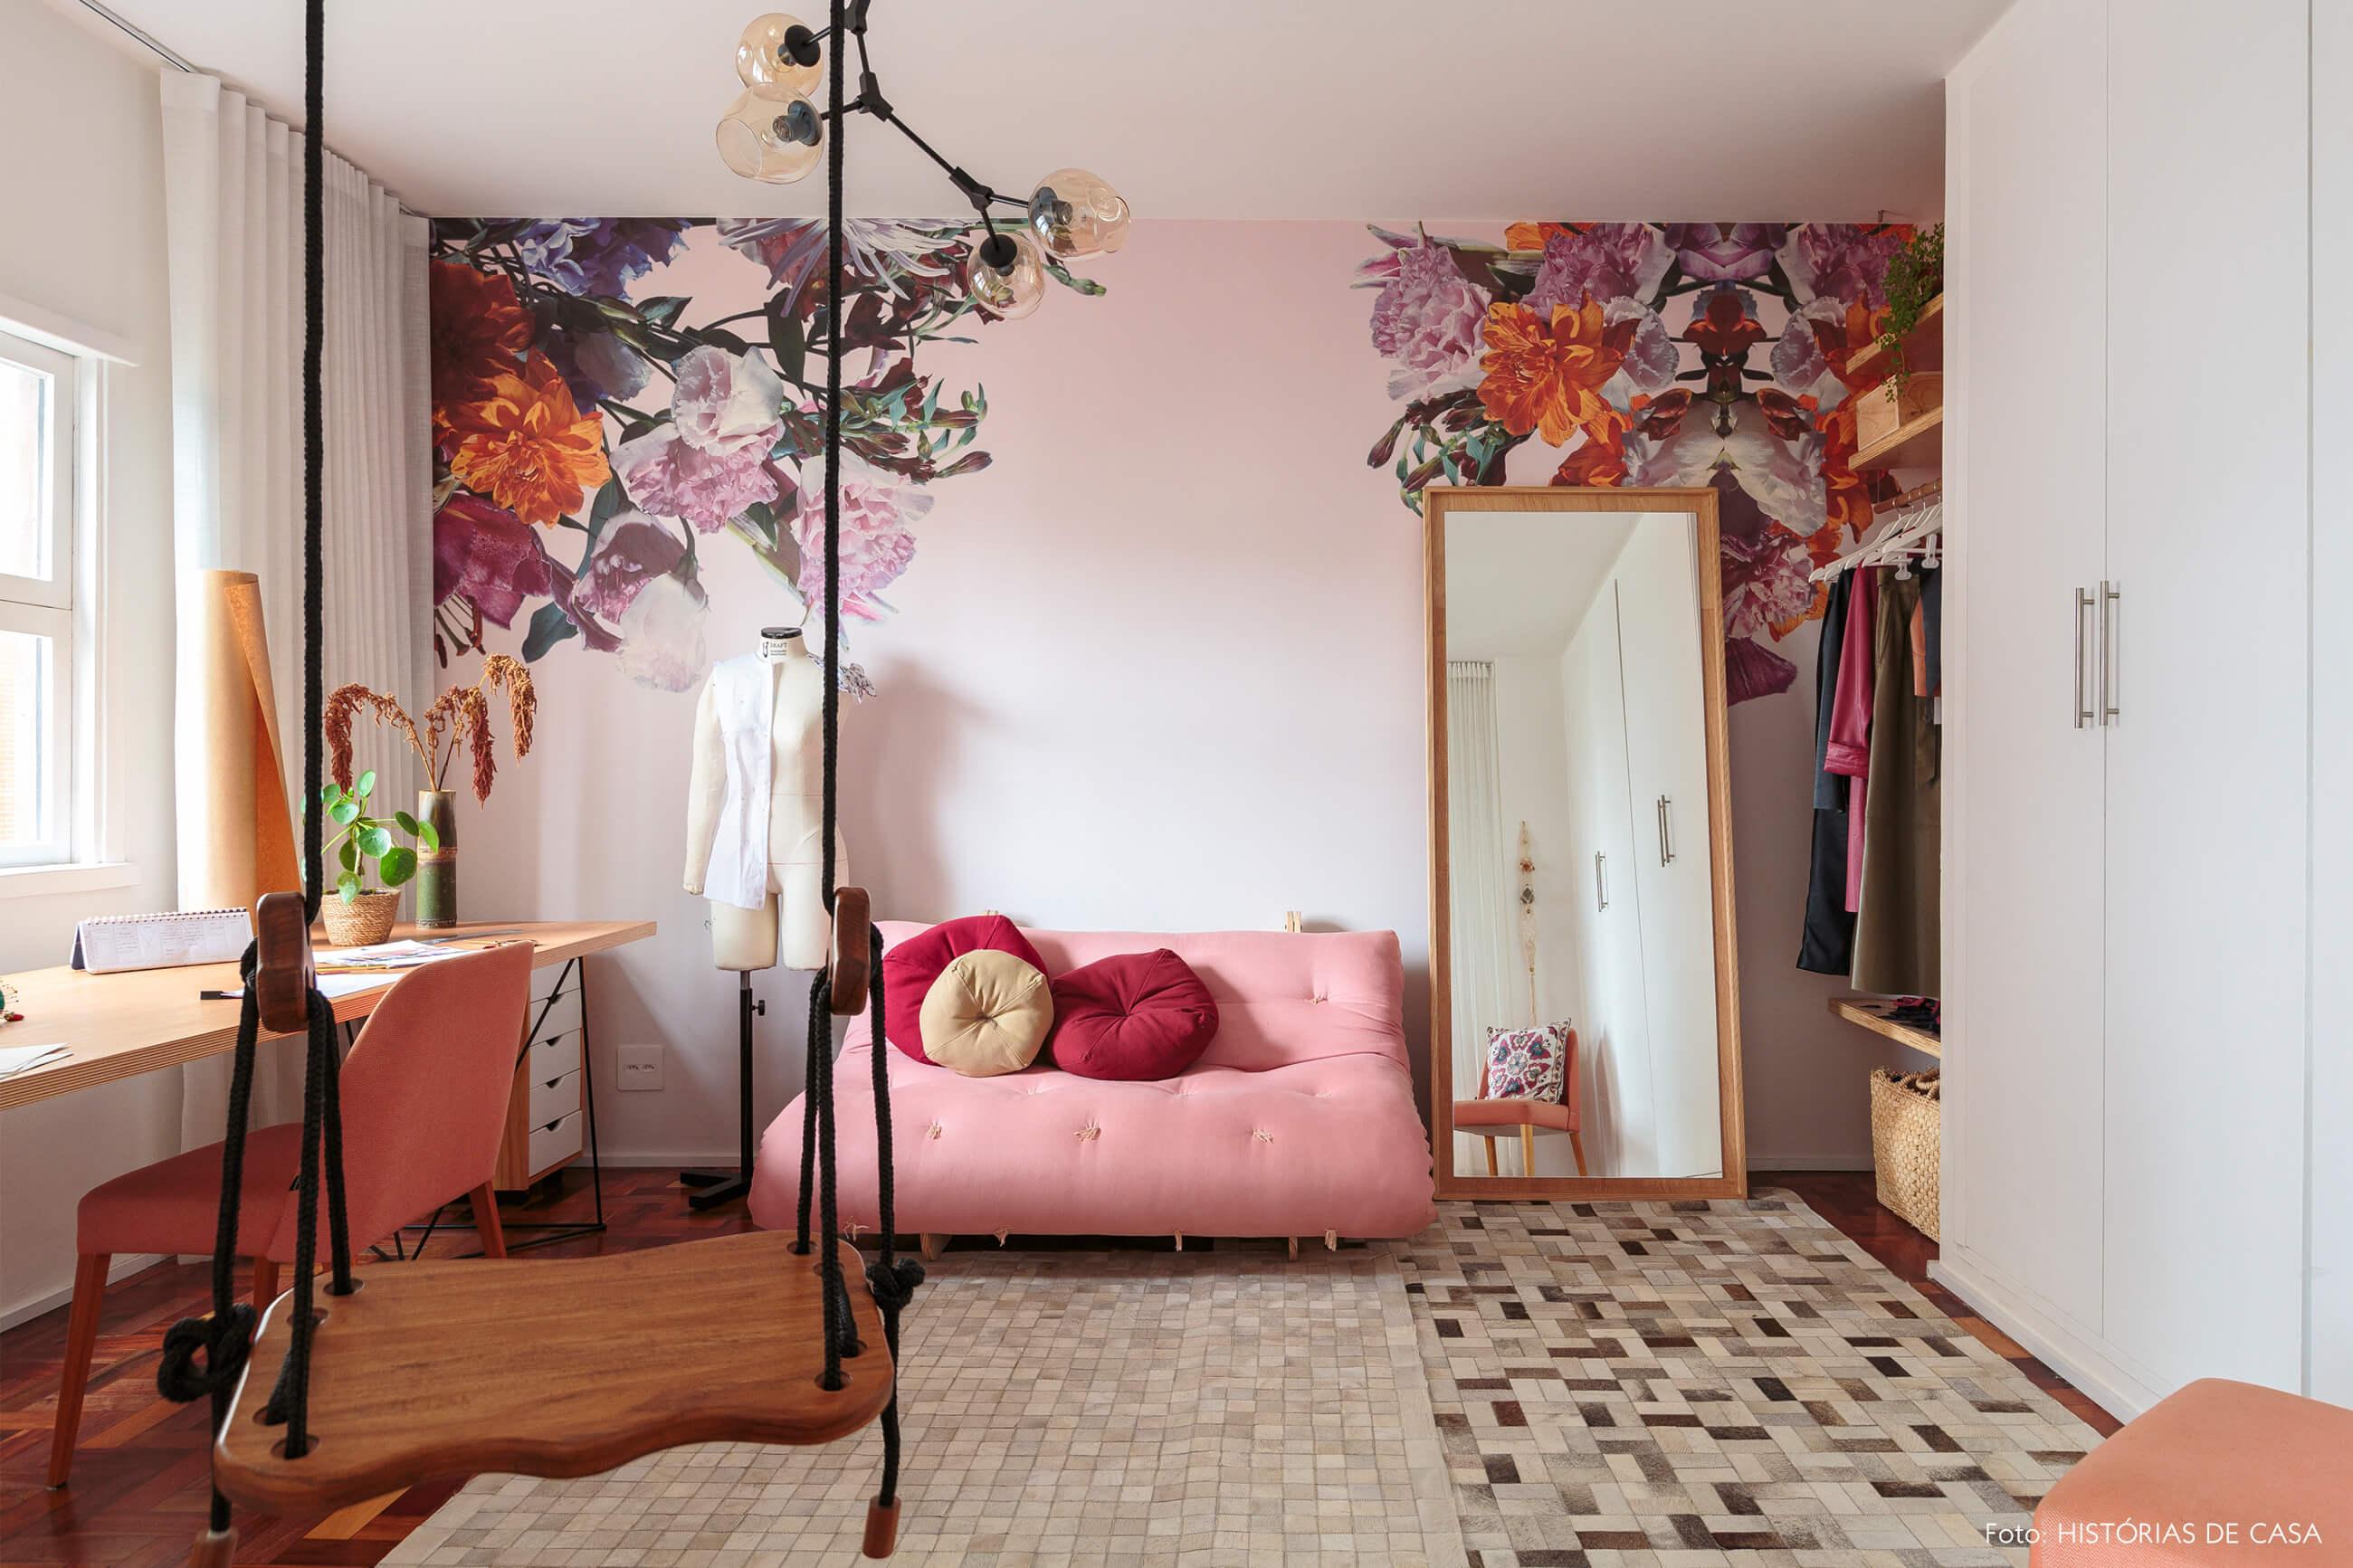 home-office-atelie-papel-de-parede-flores-rosa-sofa-futom-cadeira-rosa-mesa-madeira-balanço-madeira-tapetes